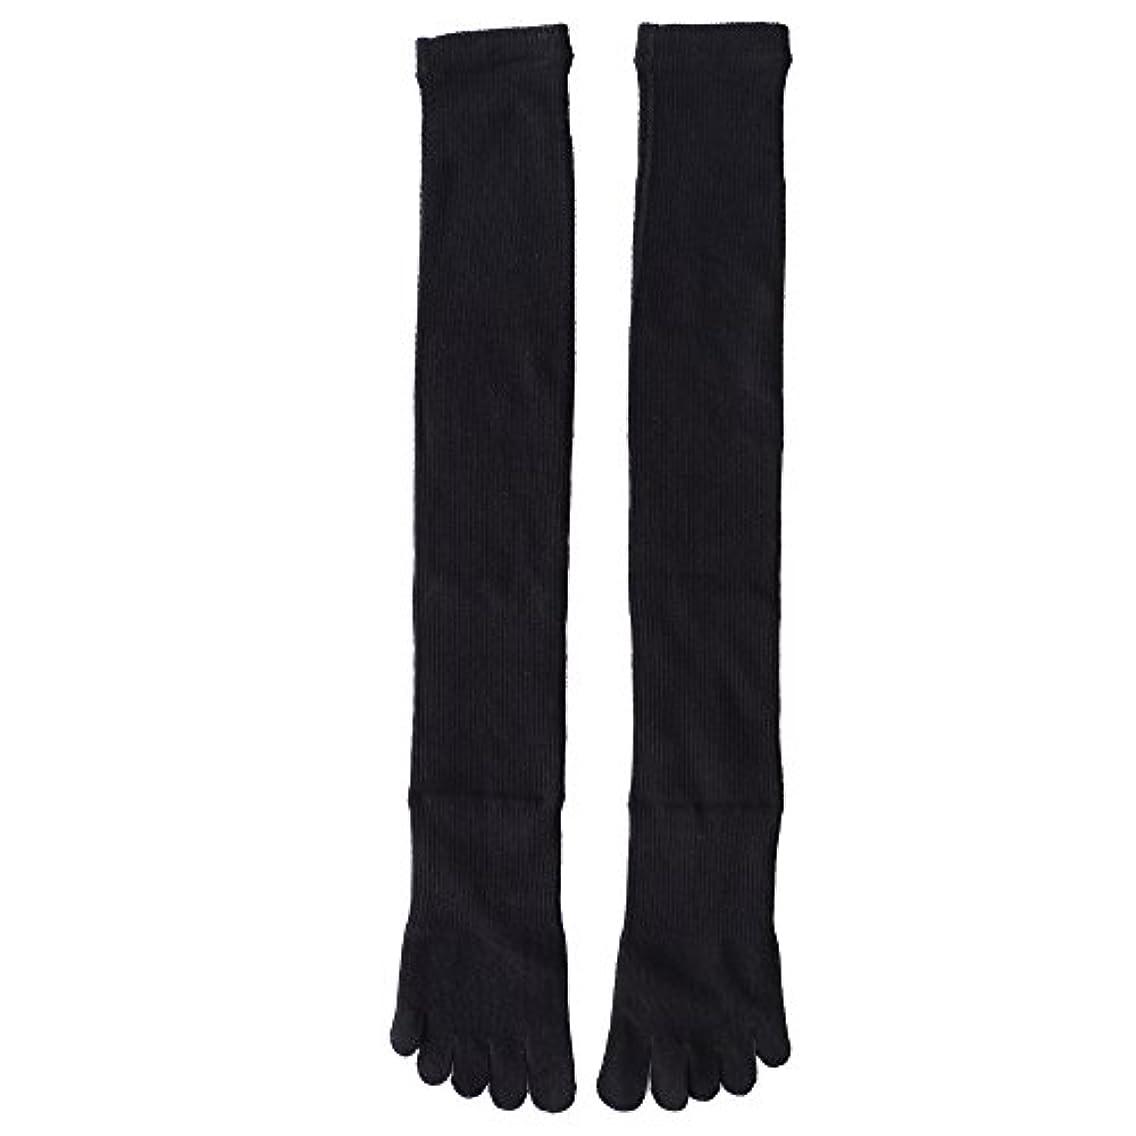 二十割るきらめく日本製靴下 5本指 着圧オーバニーハイソックス